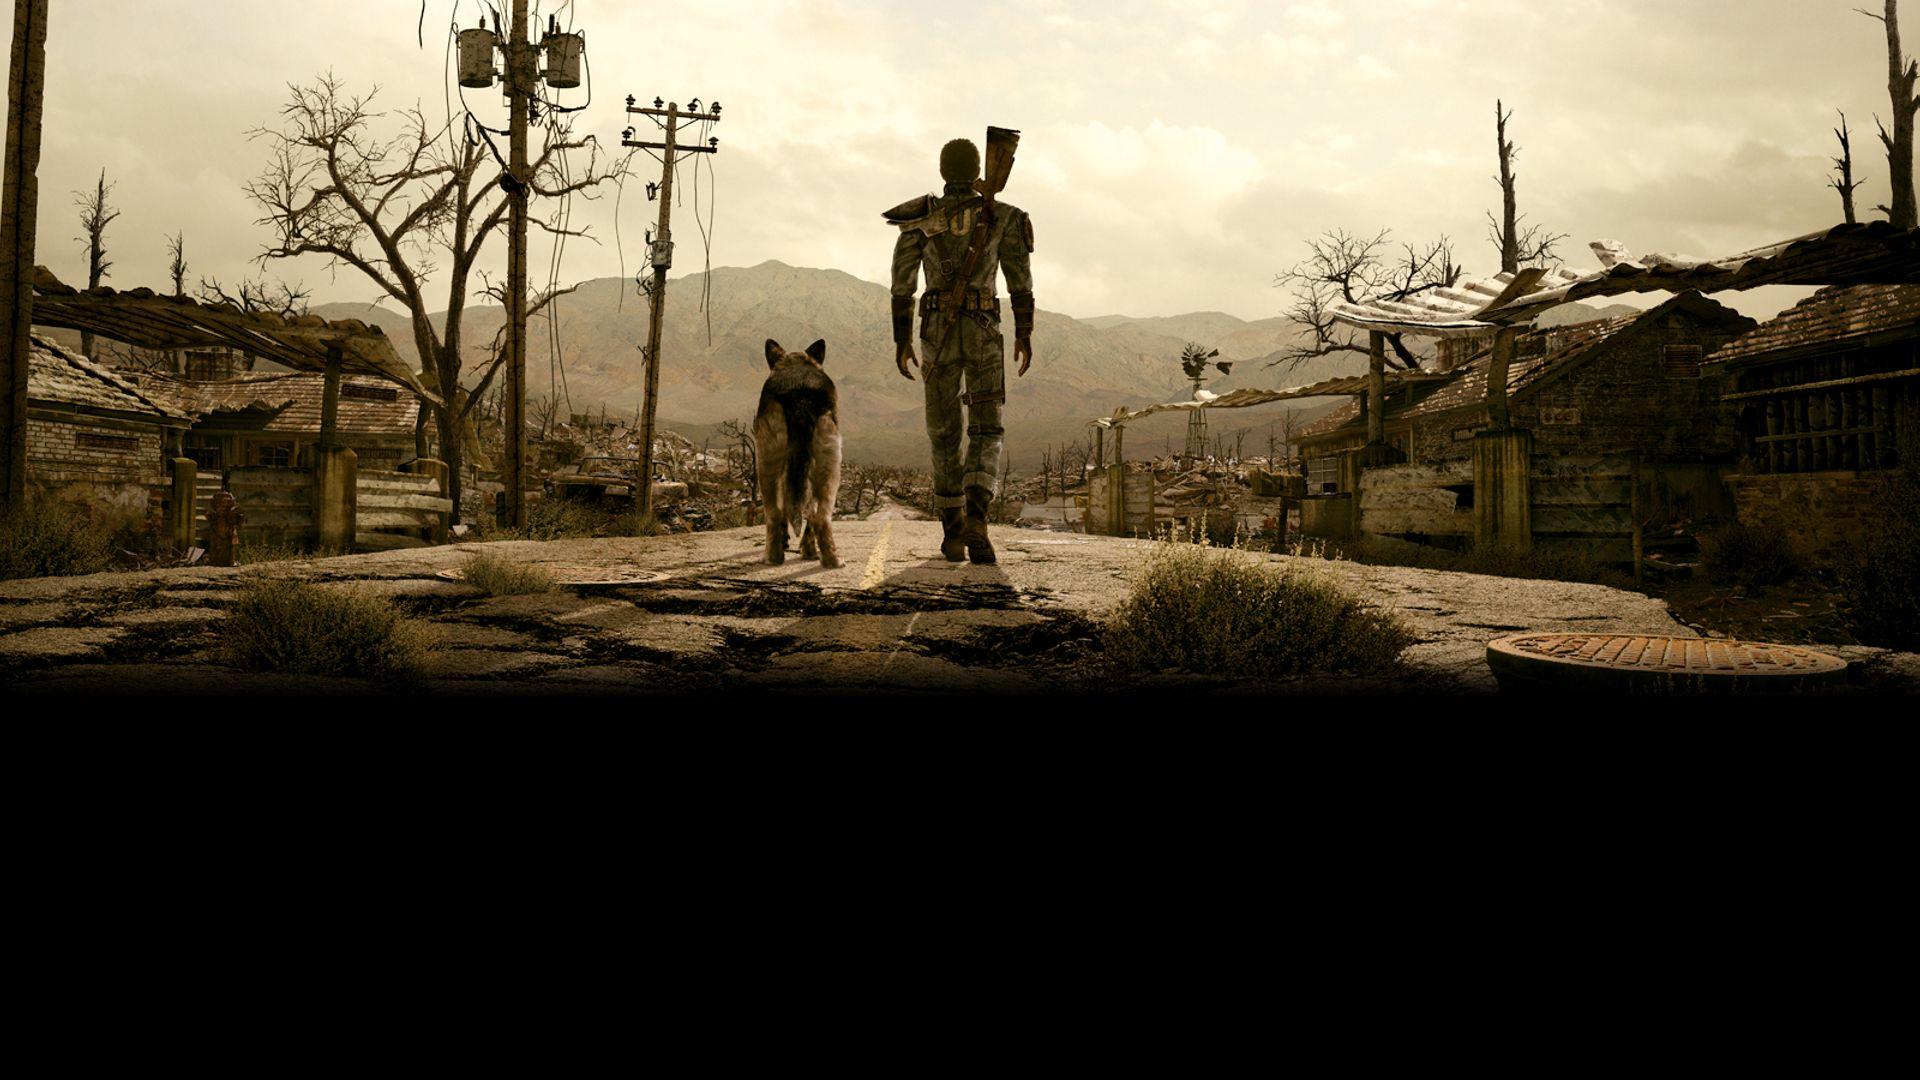 Fallout 3 Wallpaper Free Fallout 3 Wallpaper Free Wallpapers Fallout Wallpaper Fallout 3 Wallpaper Fallout Art